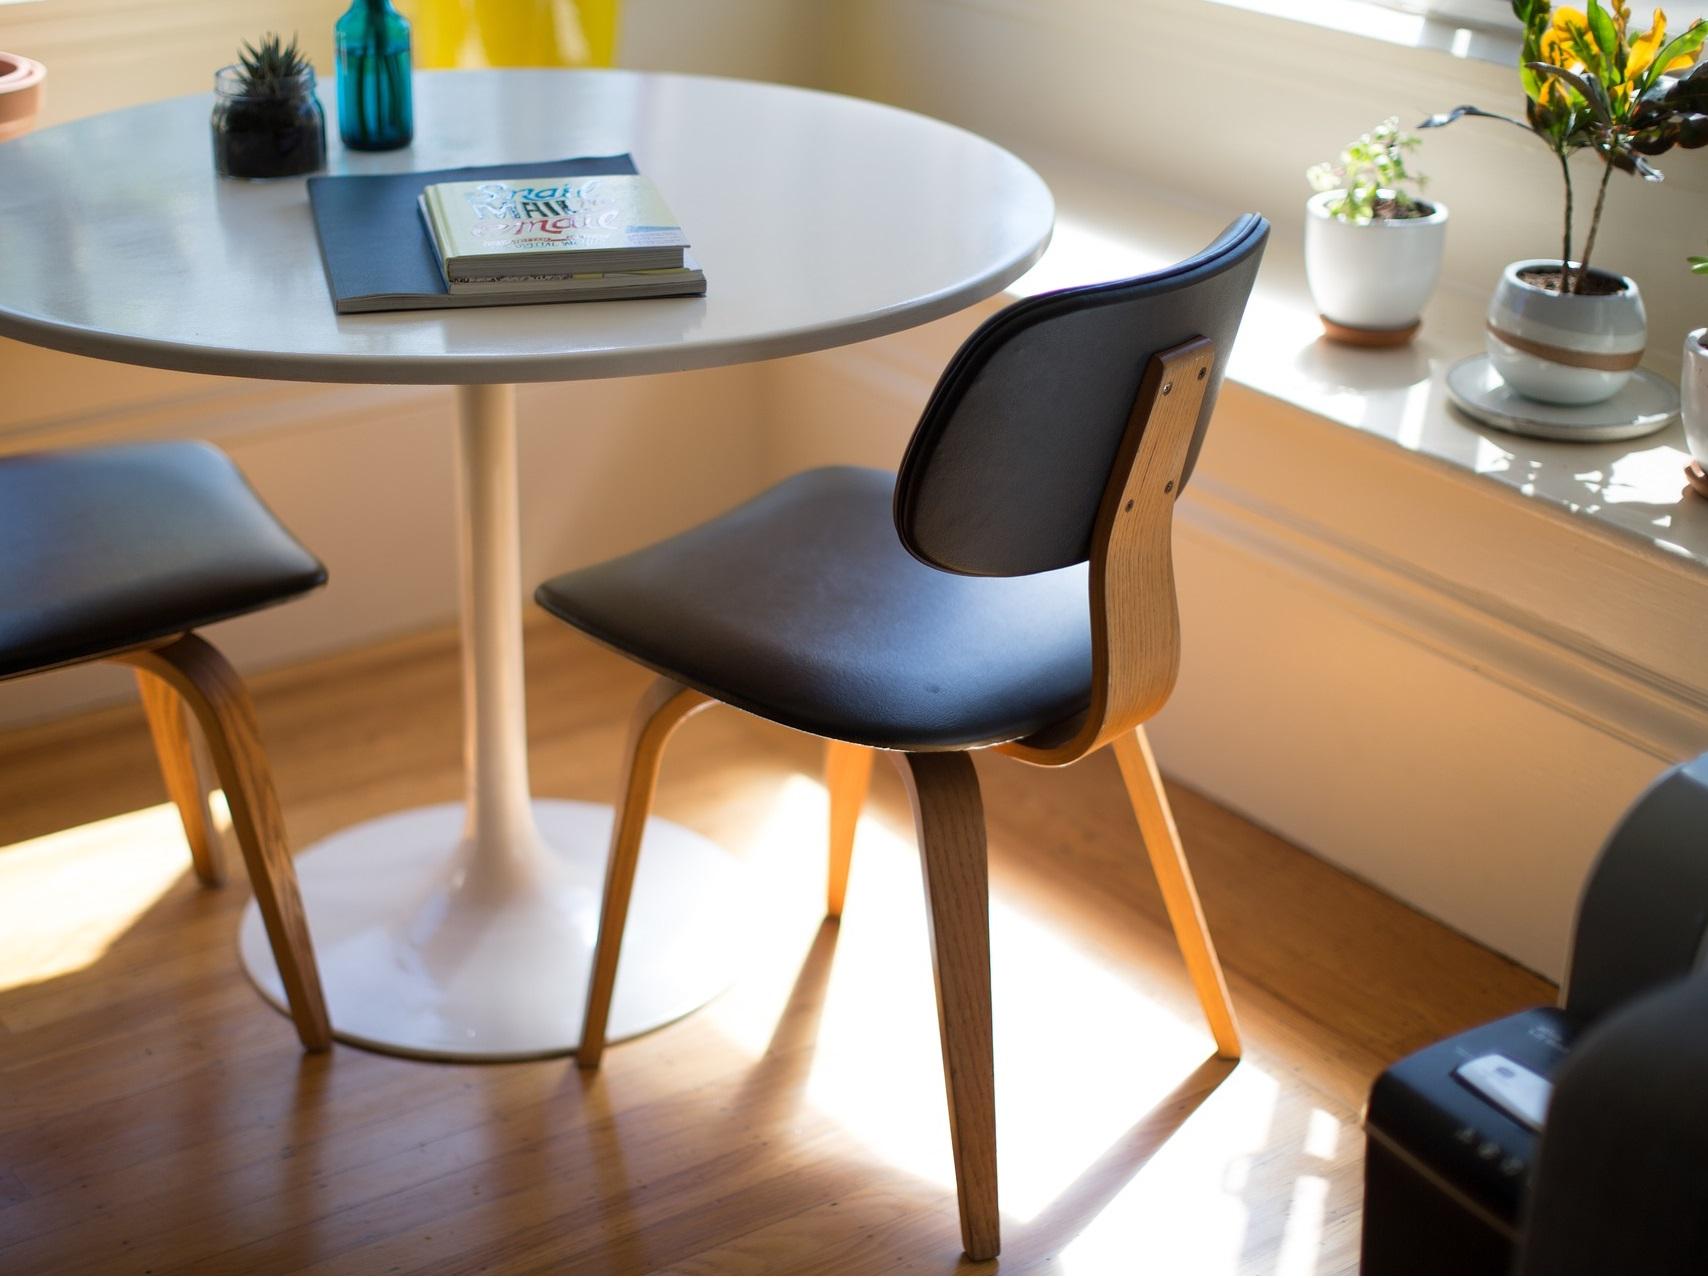 Home Sweet Home #5 : meubler son chez-soi anglais